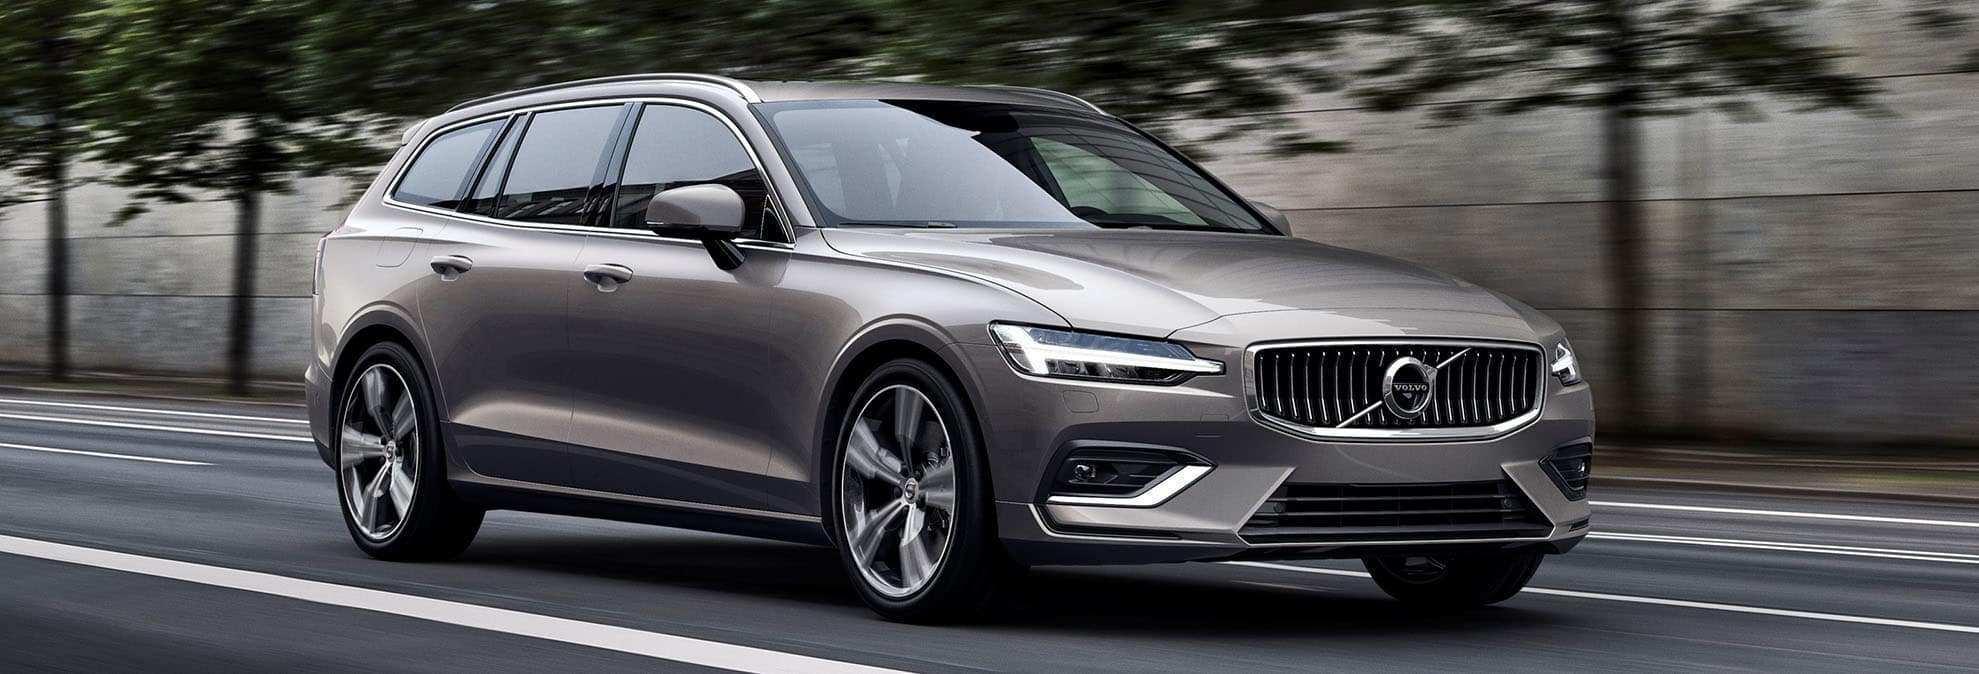 74 All New Volvo Auto 2019 Pricing for Volvo Auto 2019